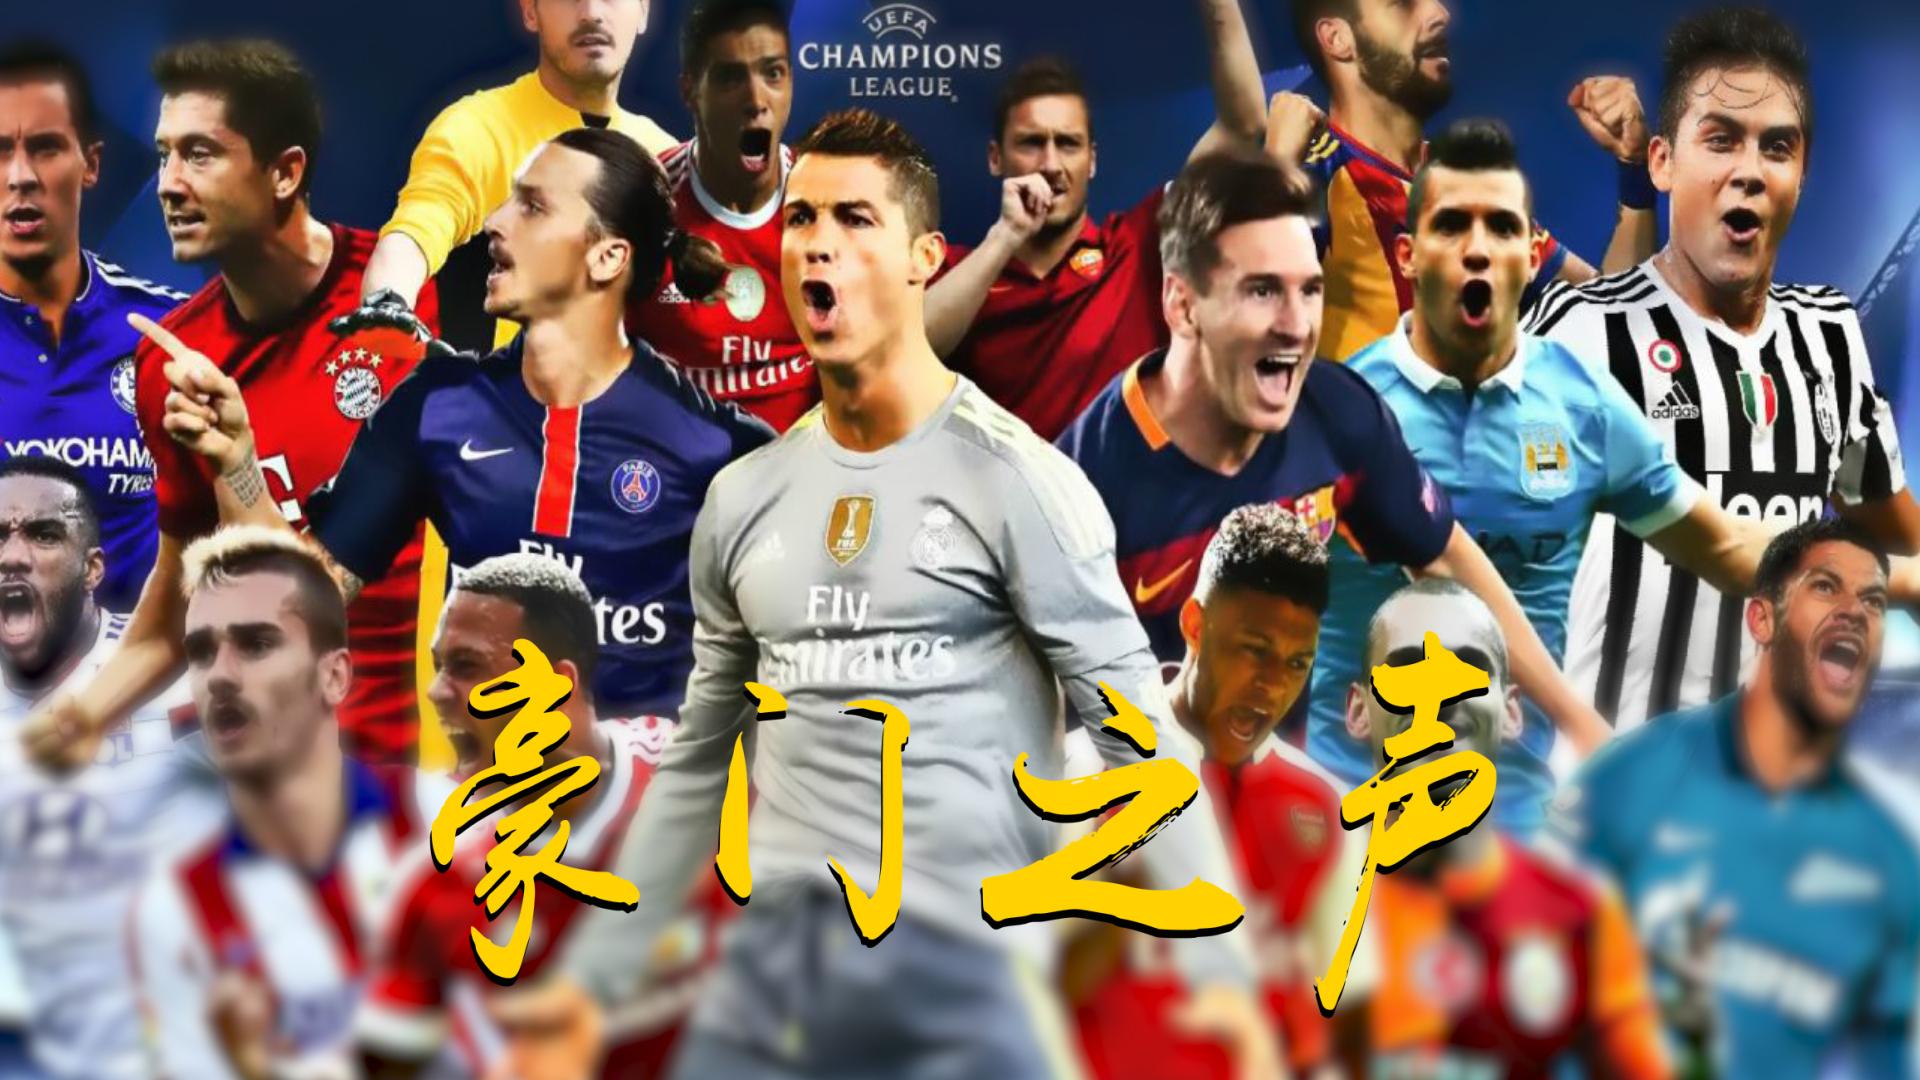 【豪门之声】欧洲足坛八大豪门队歌mv,哪首才是你的最爱?